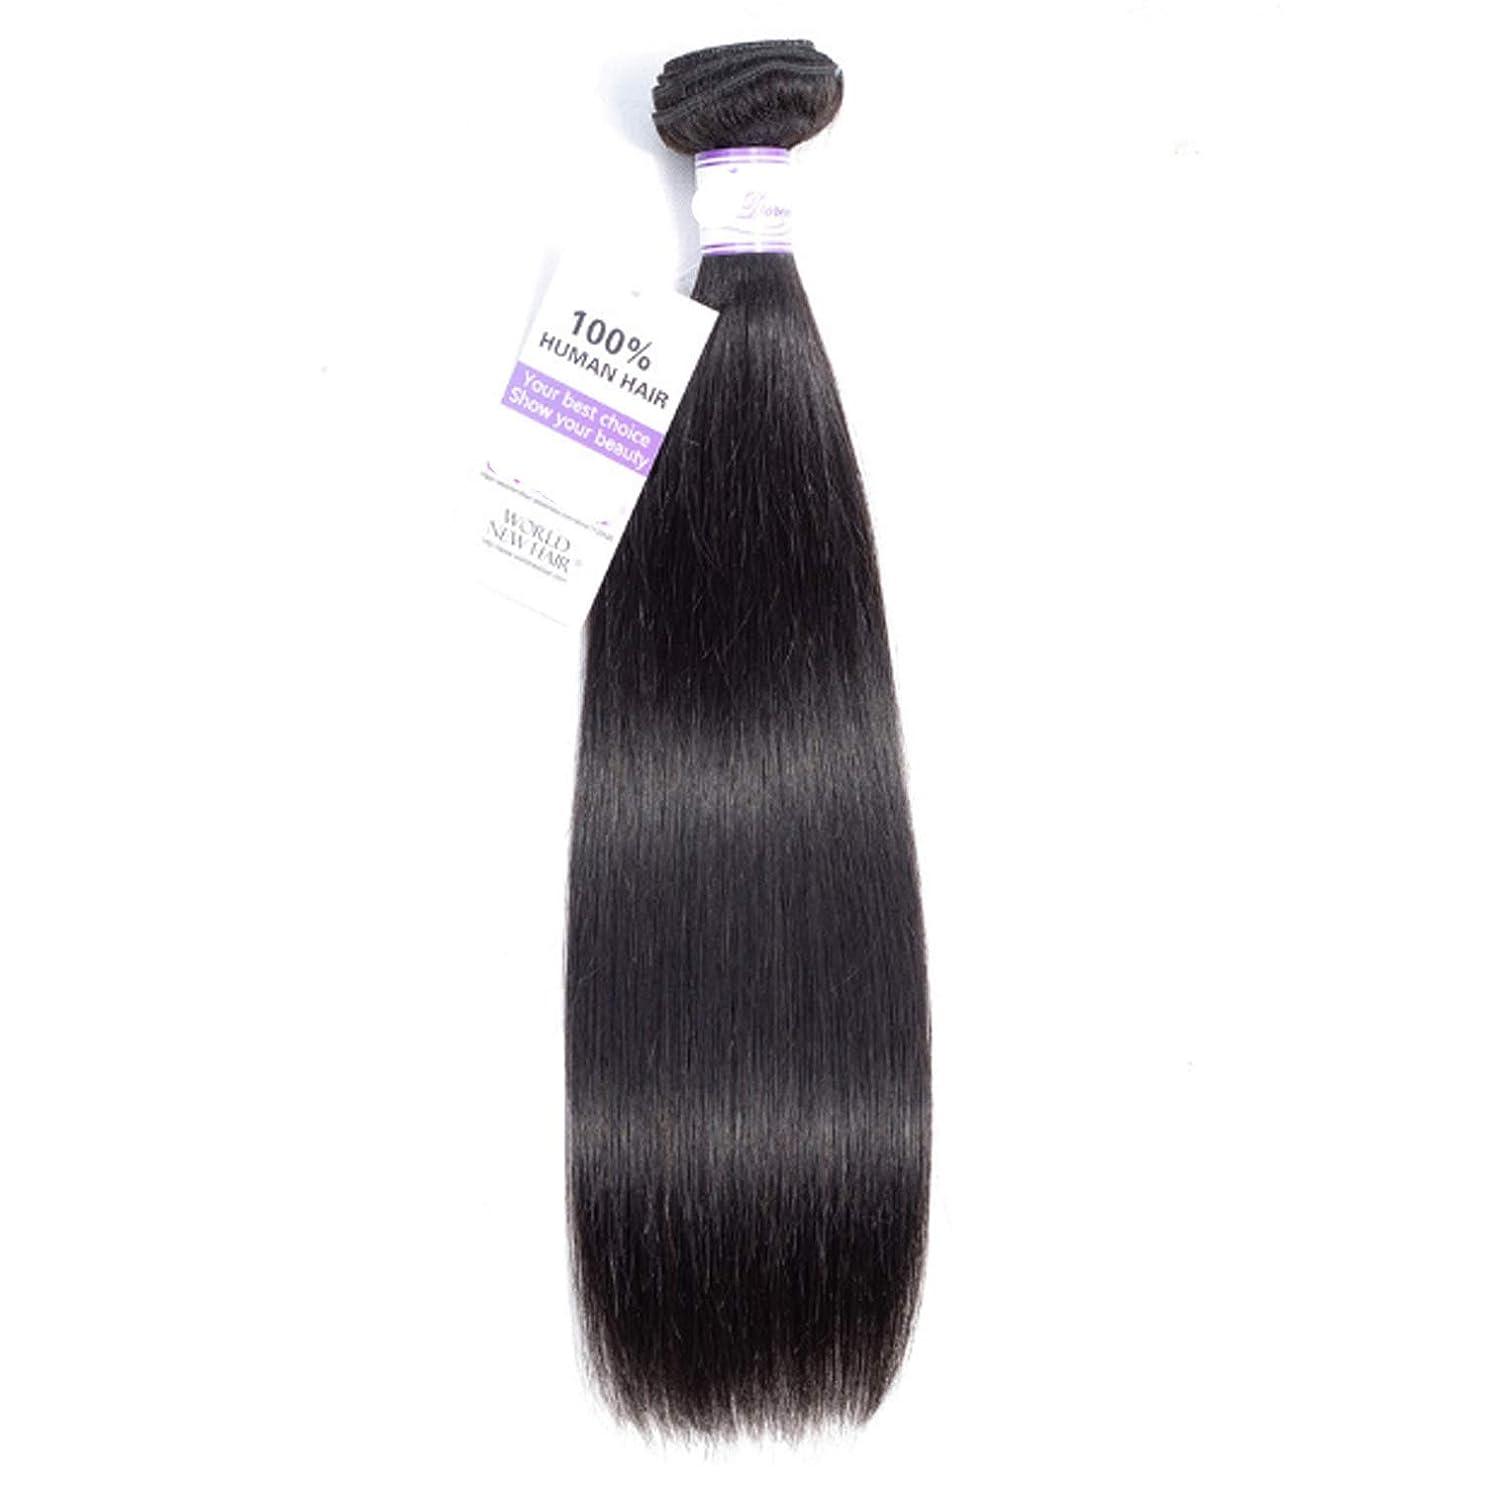 敷居操る中級ペルーのストレートヘア織り髪バンドル8-28インチ100%人毛織り非レミー髪ナチュラルカラー1ピース かつら (Stretched Length : 14inches)